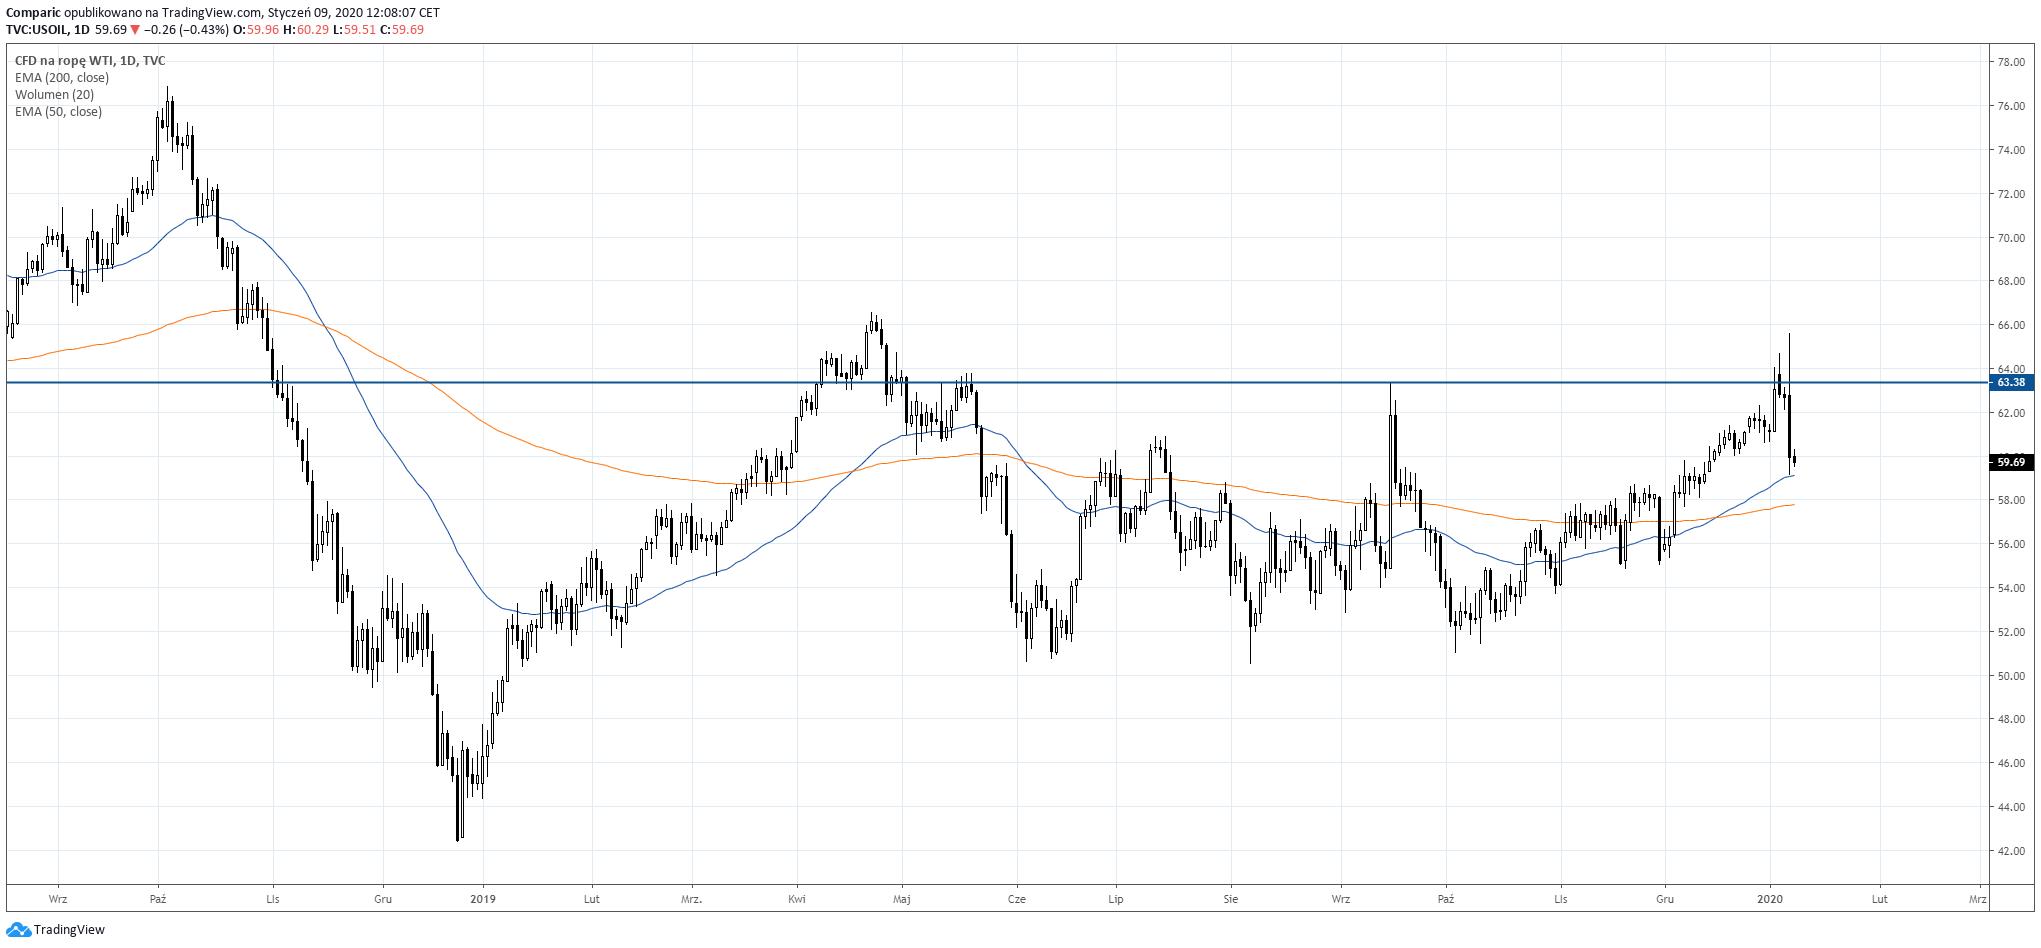 Cena ropy WTI w tym tygodniu wybijała maksima wrześniowe, w środę powracała jednak wyraźnie do ich zakresu spadając poniżej 60 dolarów za baryłkę. Źródło: Tradingview.com